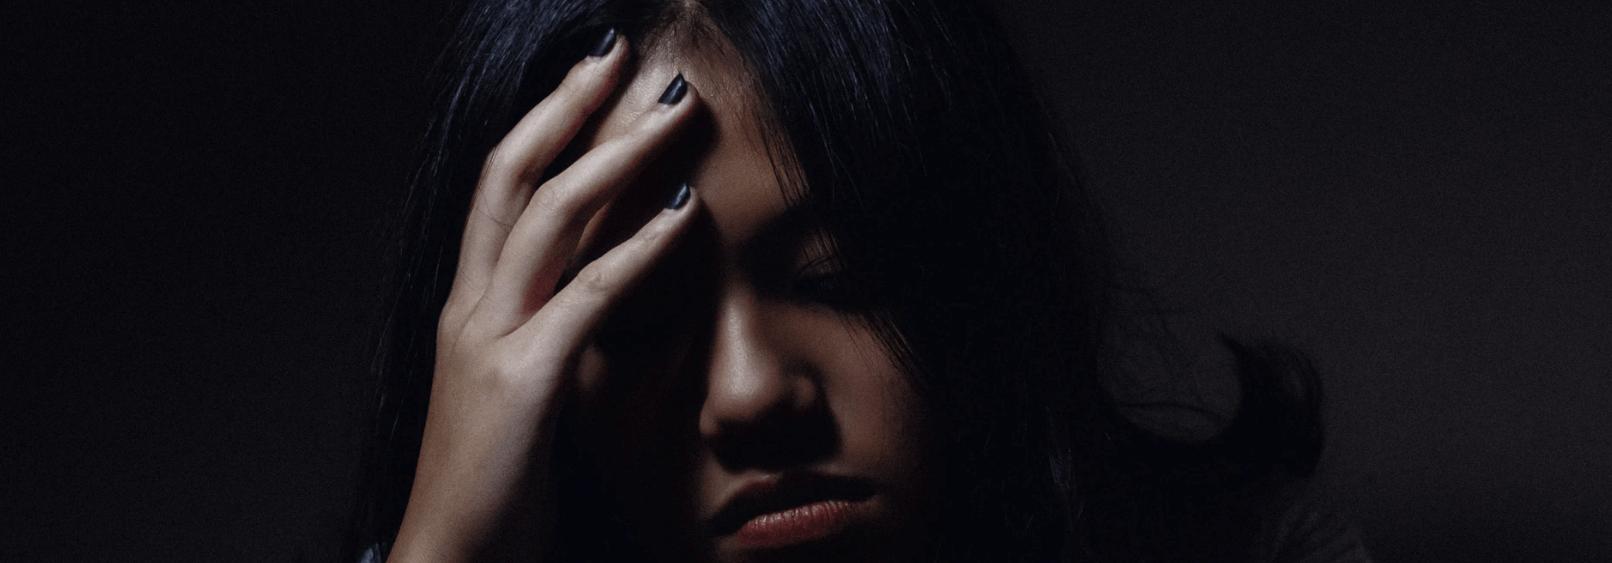 Why Do I Feel Sad for No Reason - calmerry